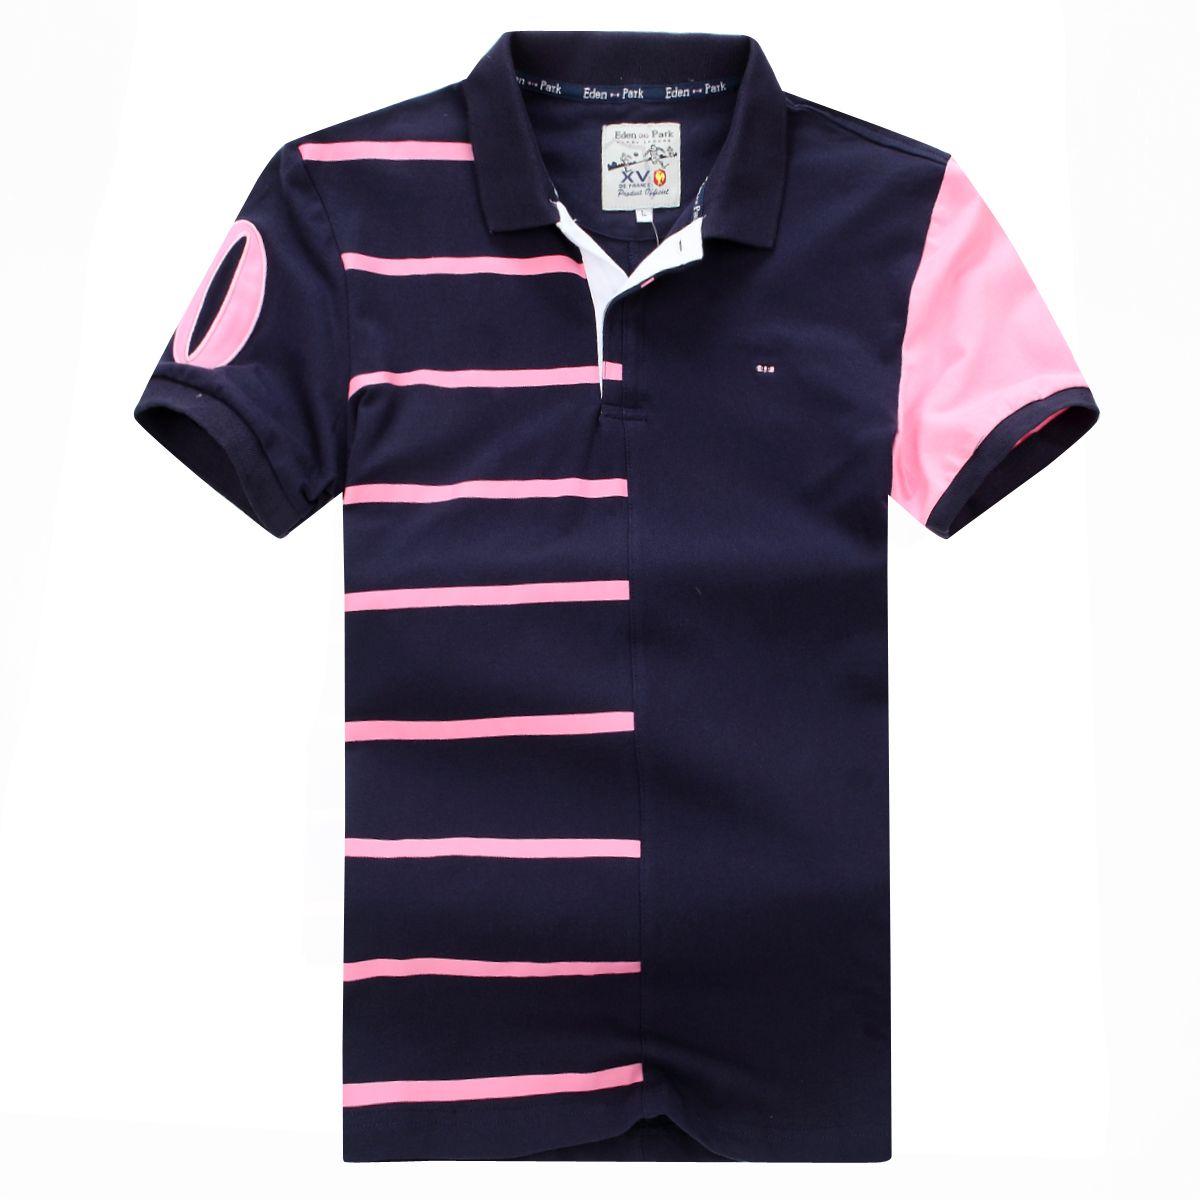 2019 летний бестселлер Eden park Short Polo для мужчин хорошее качество модный дизайн большой размер Бесплатная доставка M L XL XXL 3xl